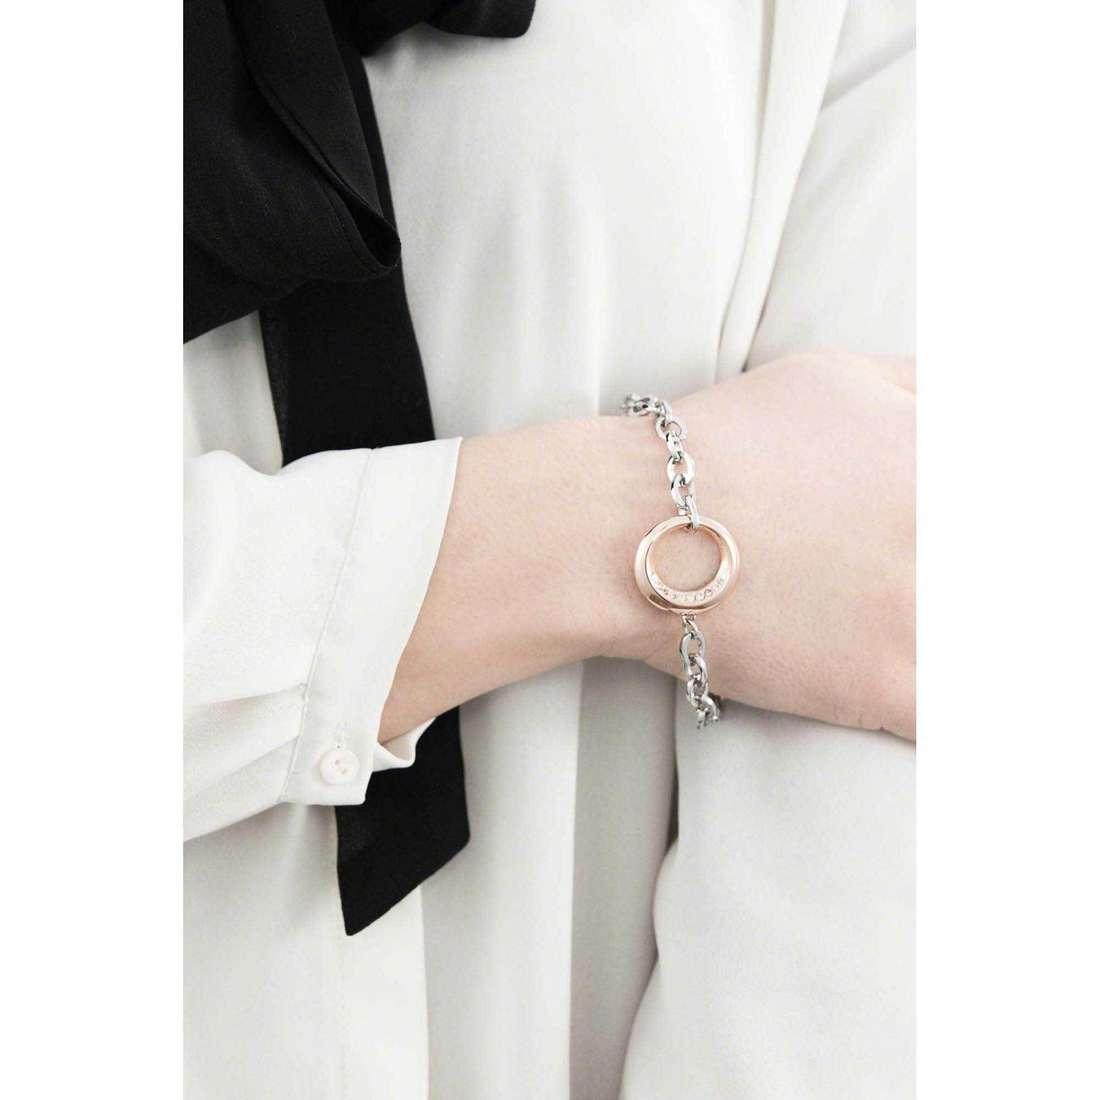 Morellato bracciali Notti donna SAAH07 indosso